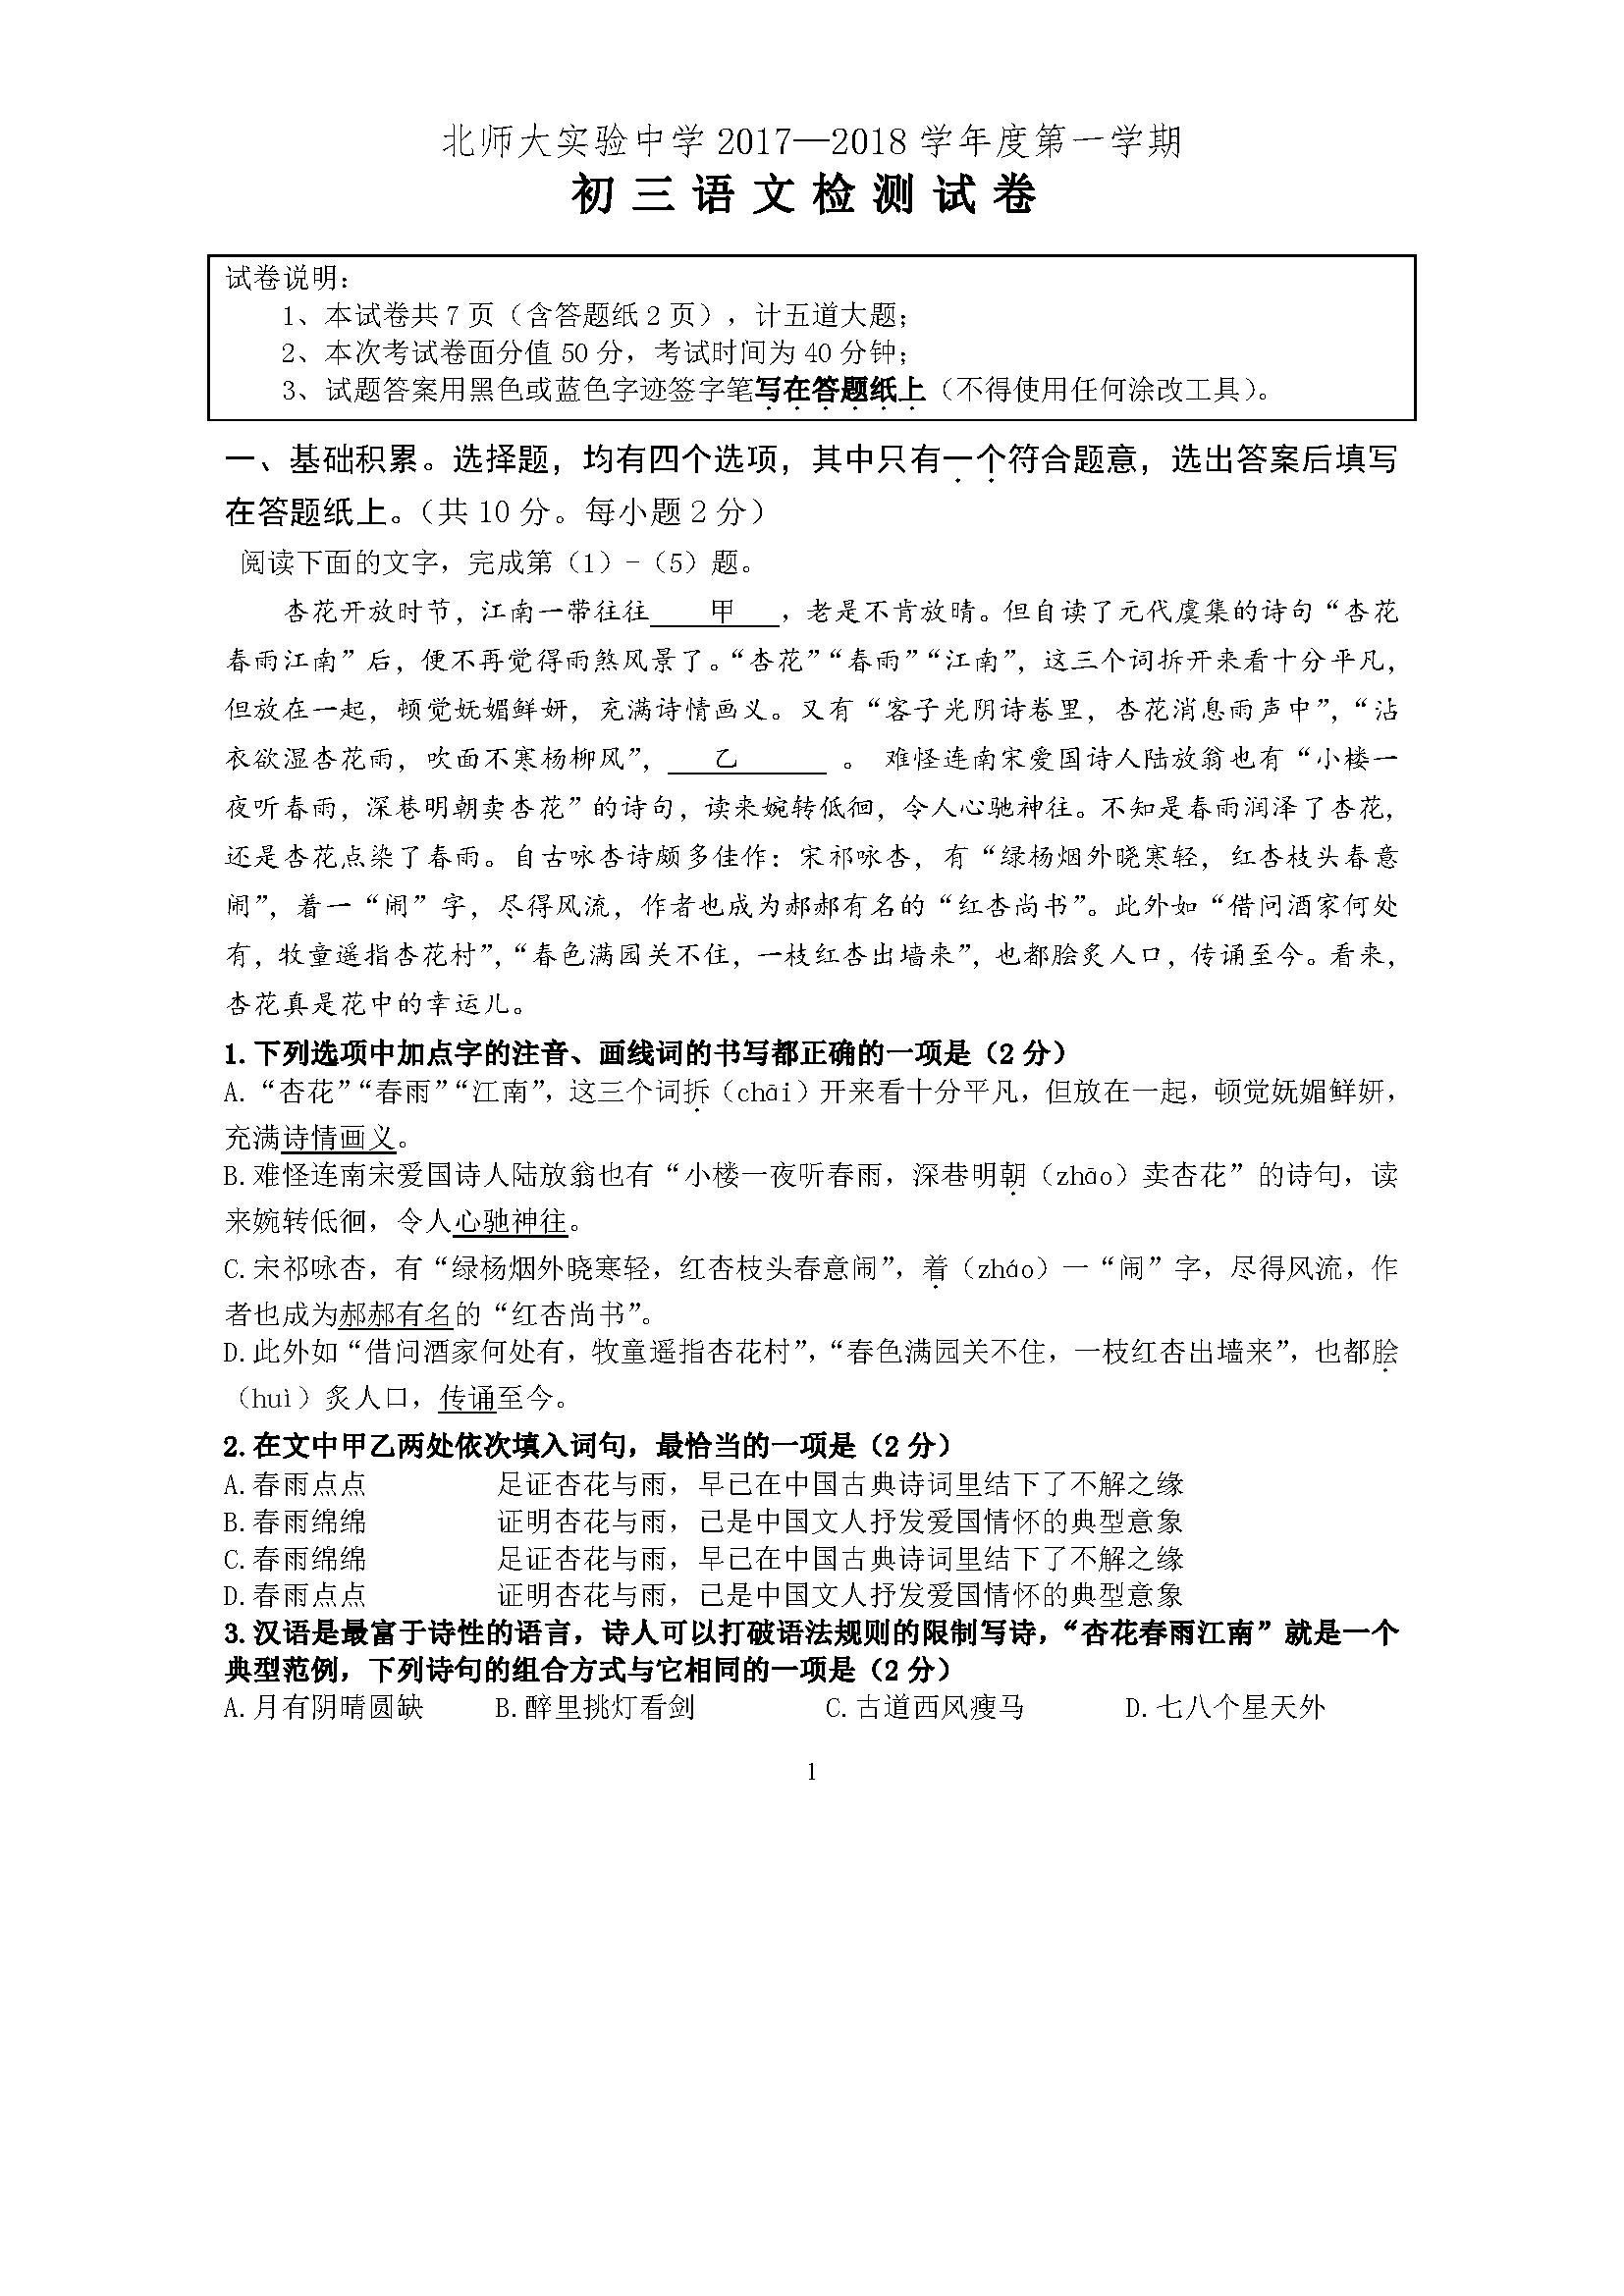 北师大实验中学2017-2018第一学期初三语文9月检测试卷(Word版)